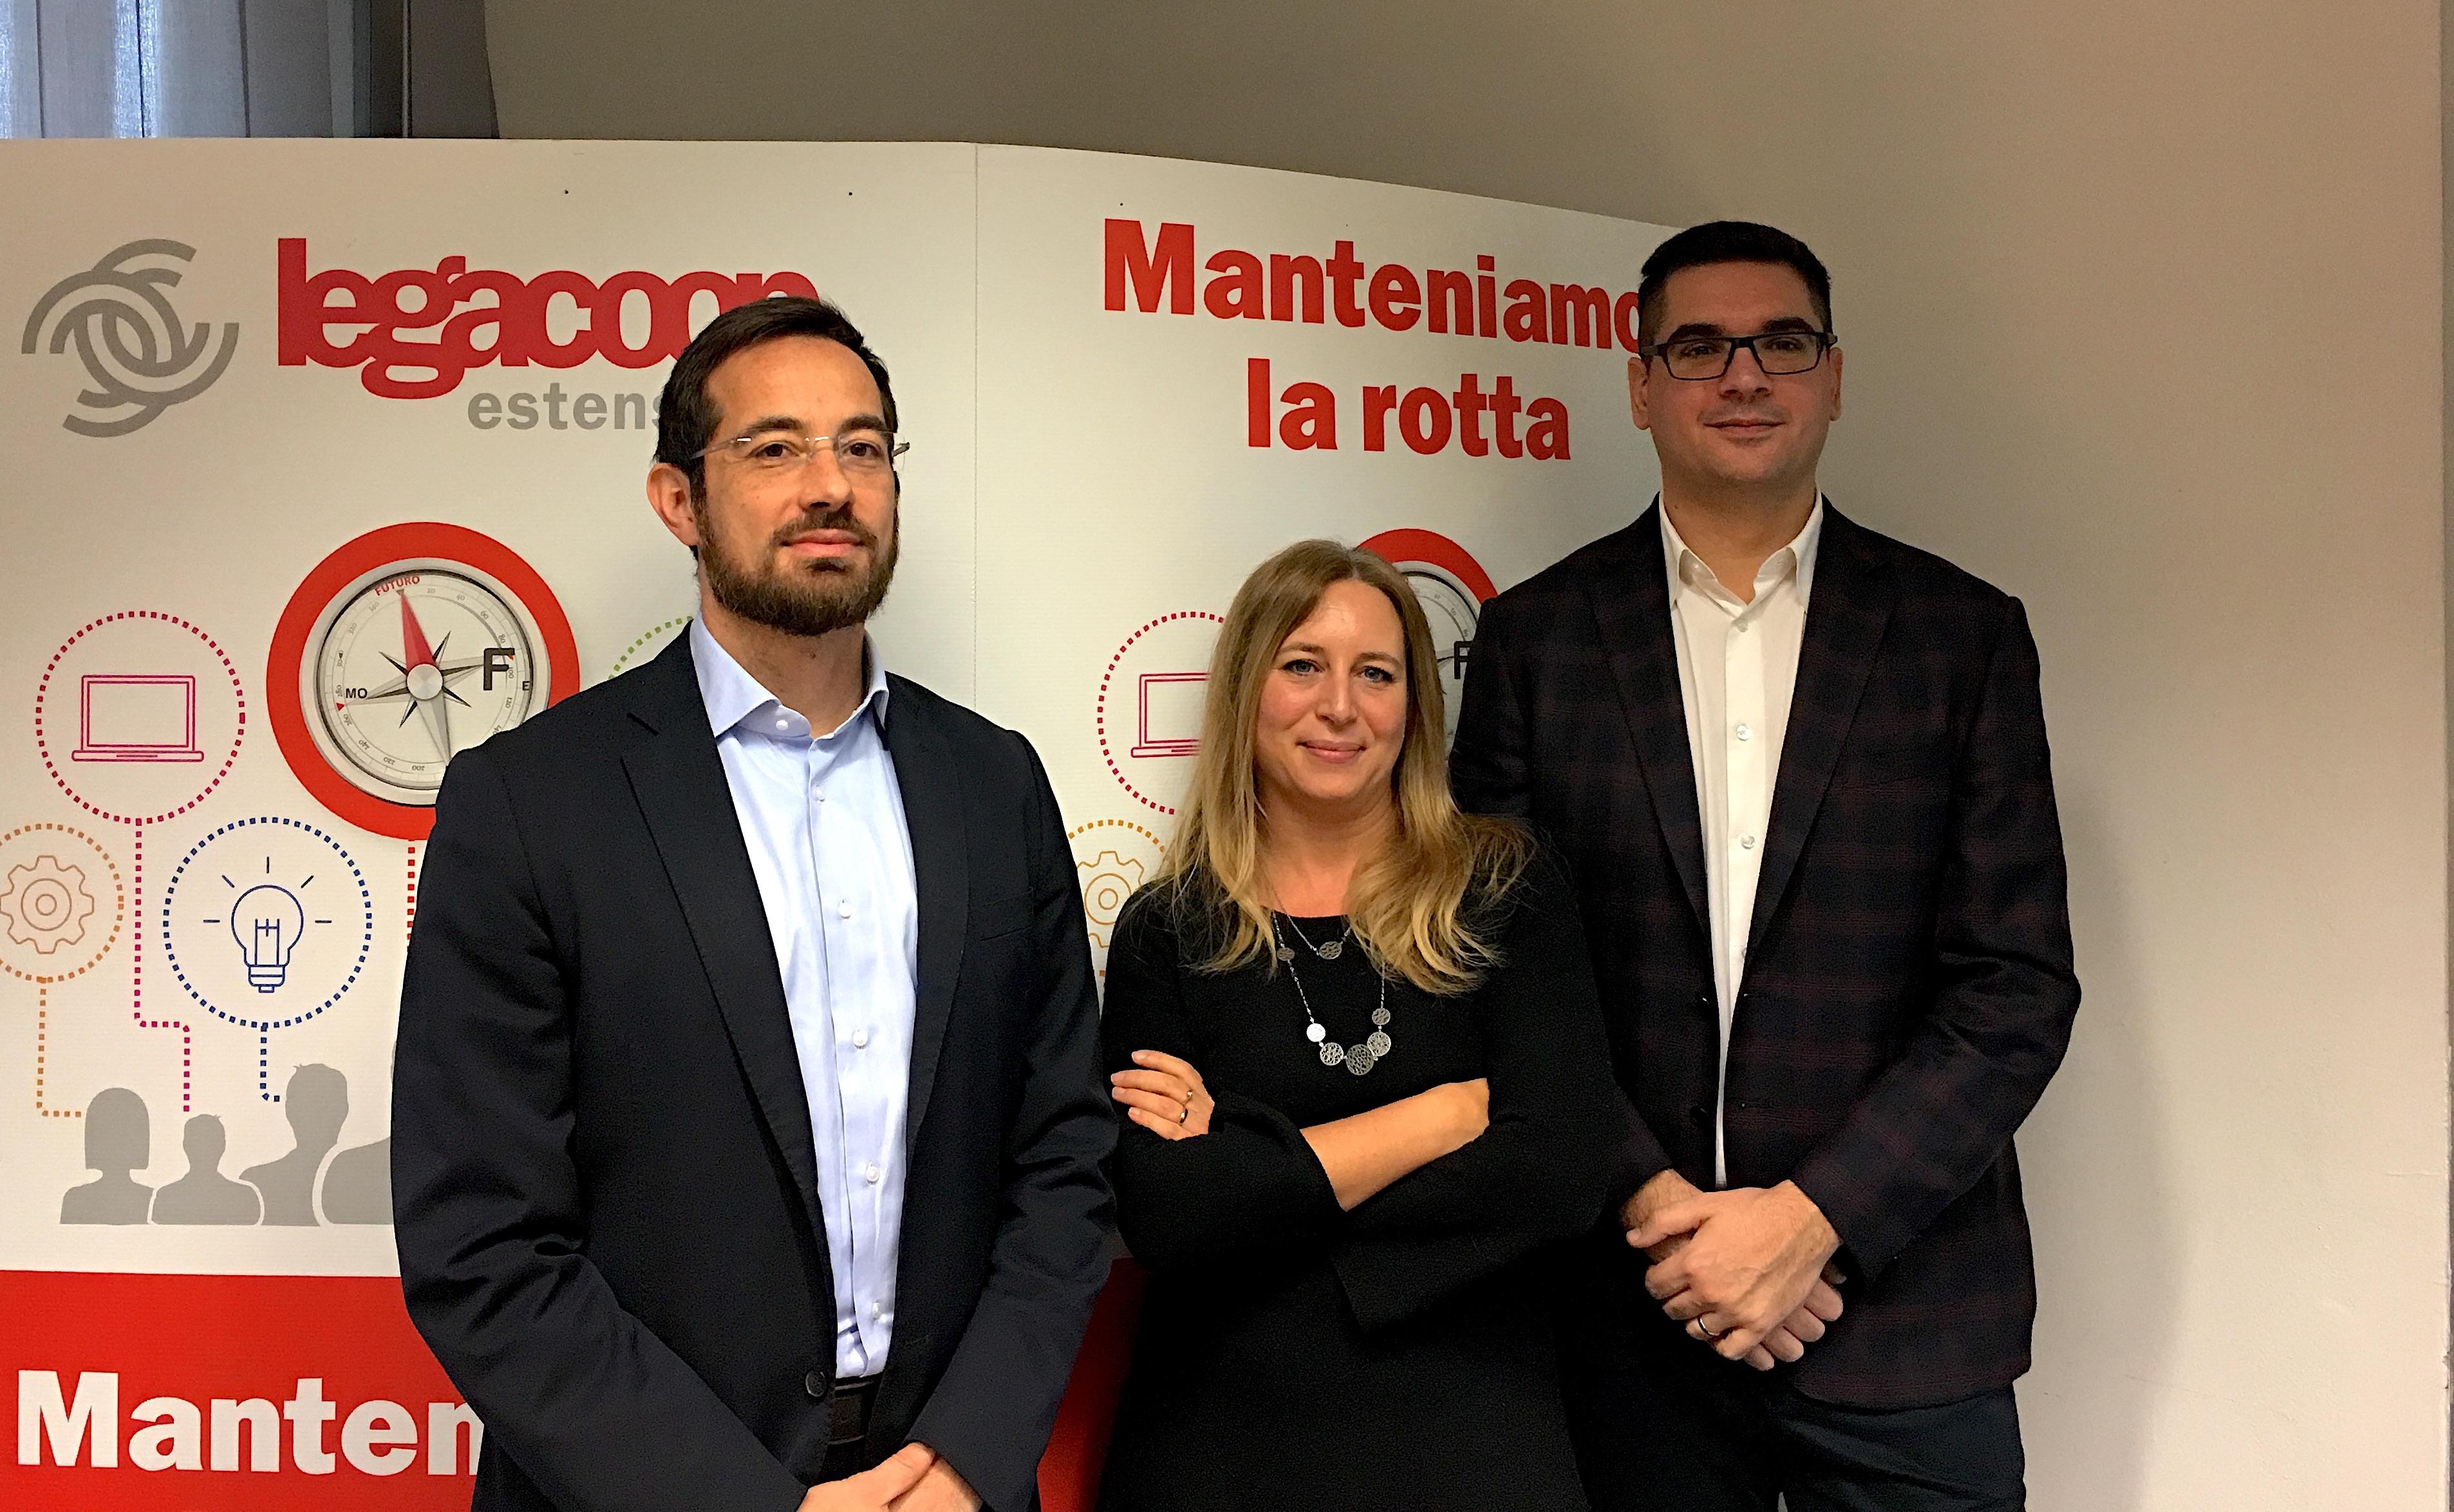 Sostenibilità, innovazione, consolidamento: Legacoop Estense presenta il bilancio di mutualità